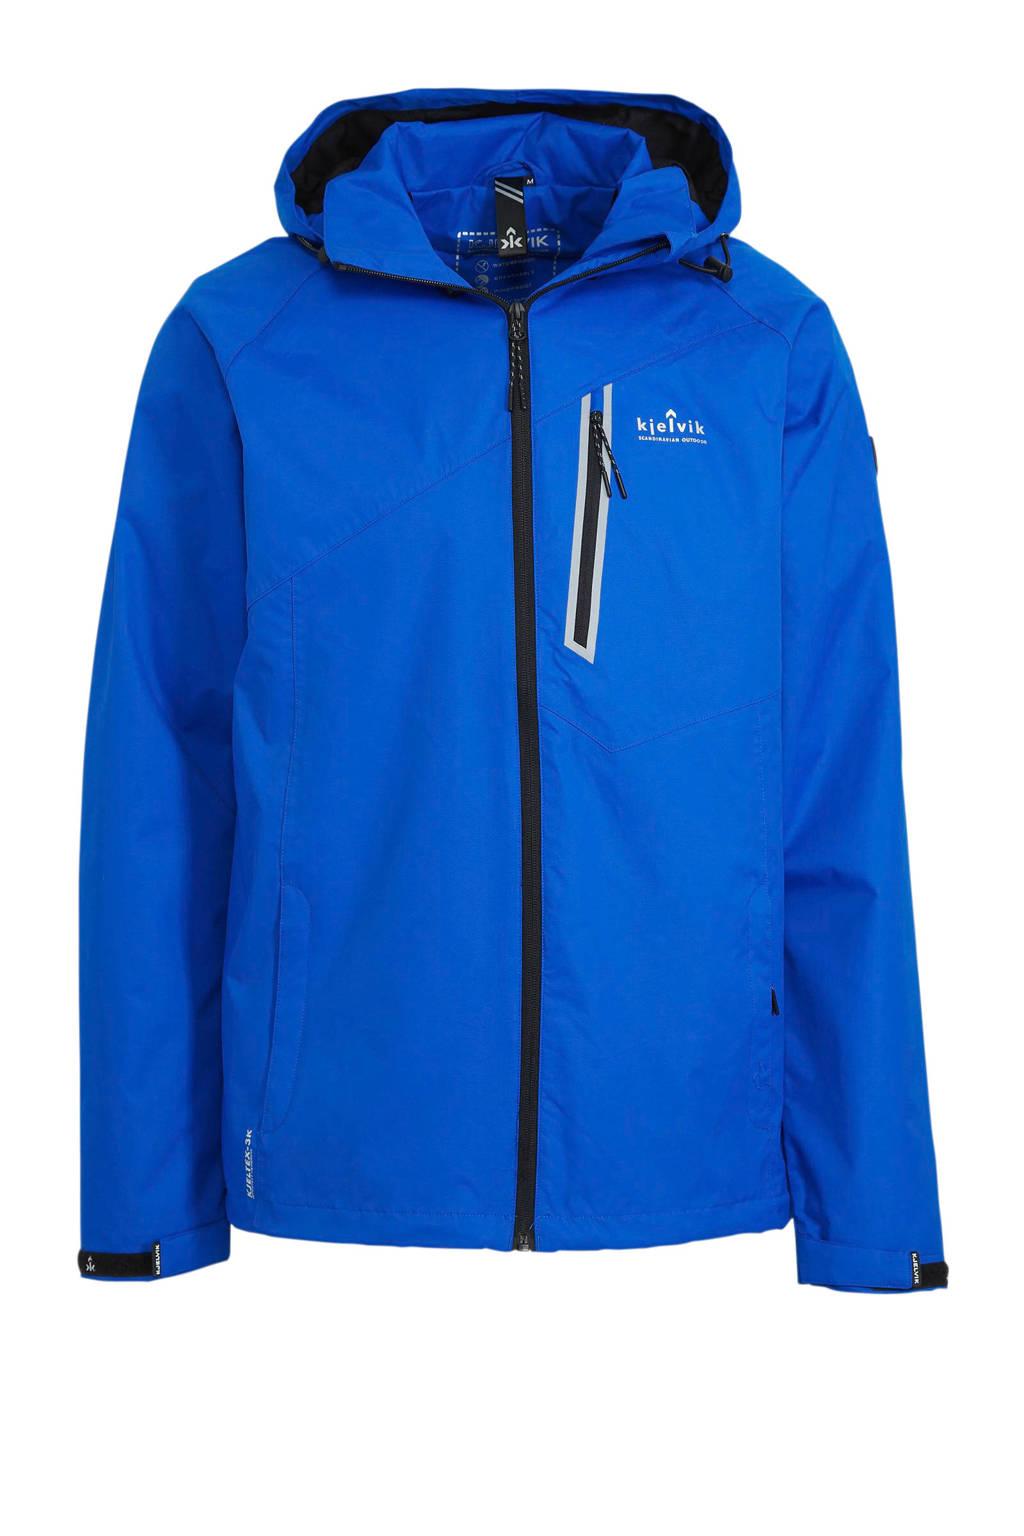 Kjelvik outdoor jas blauw, Blauw